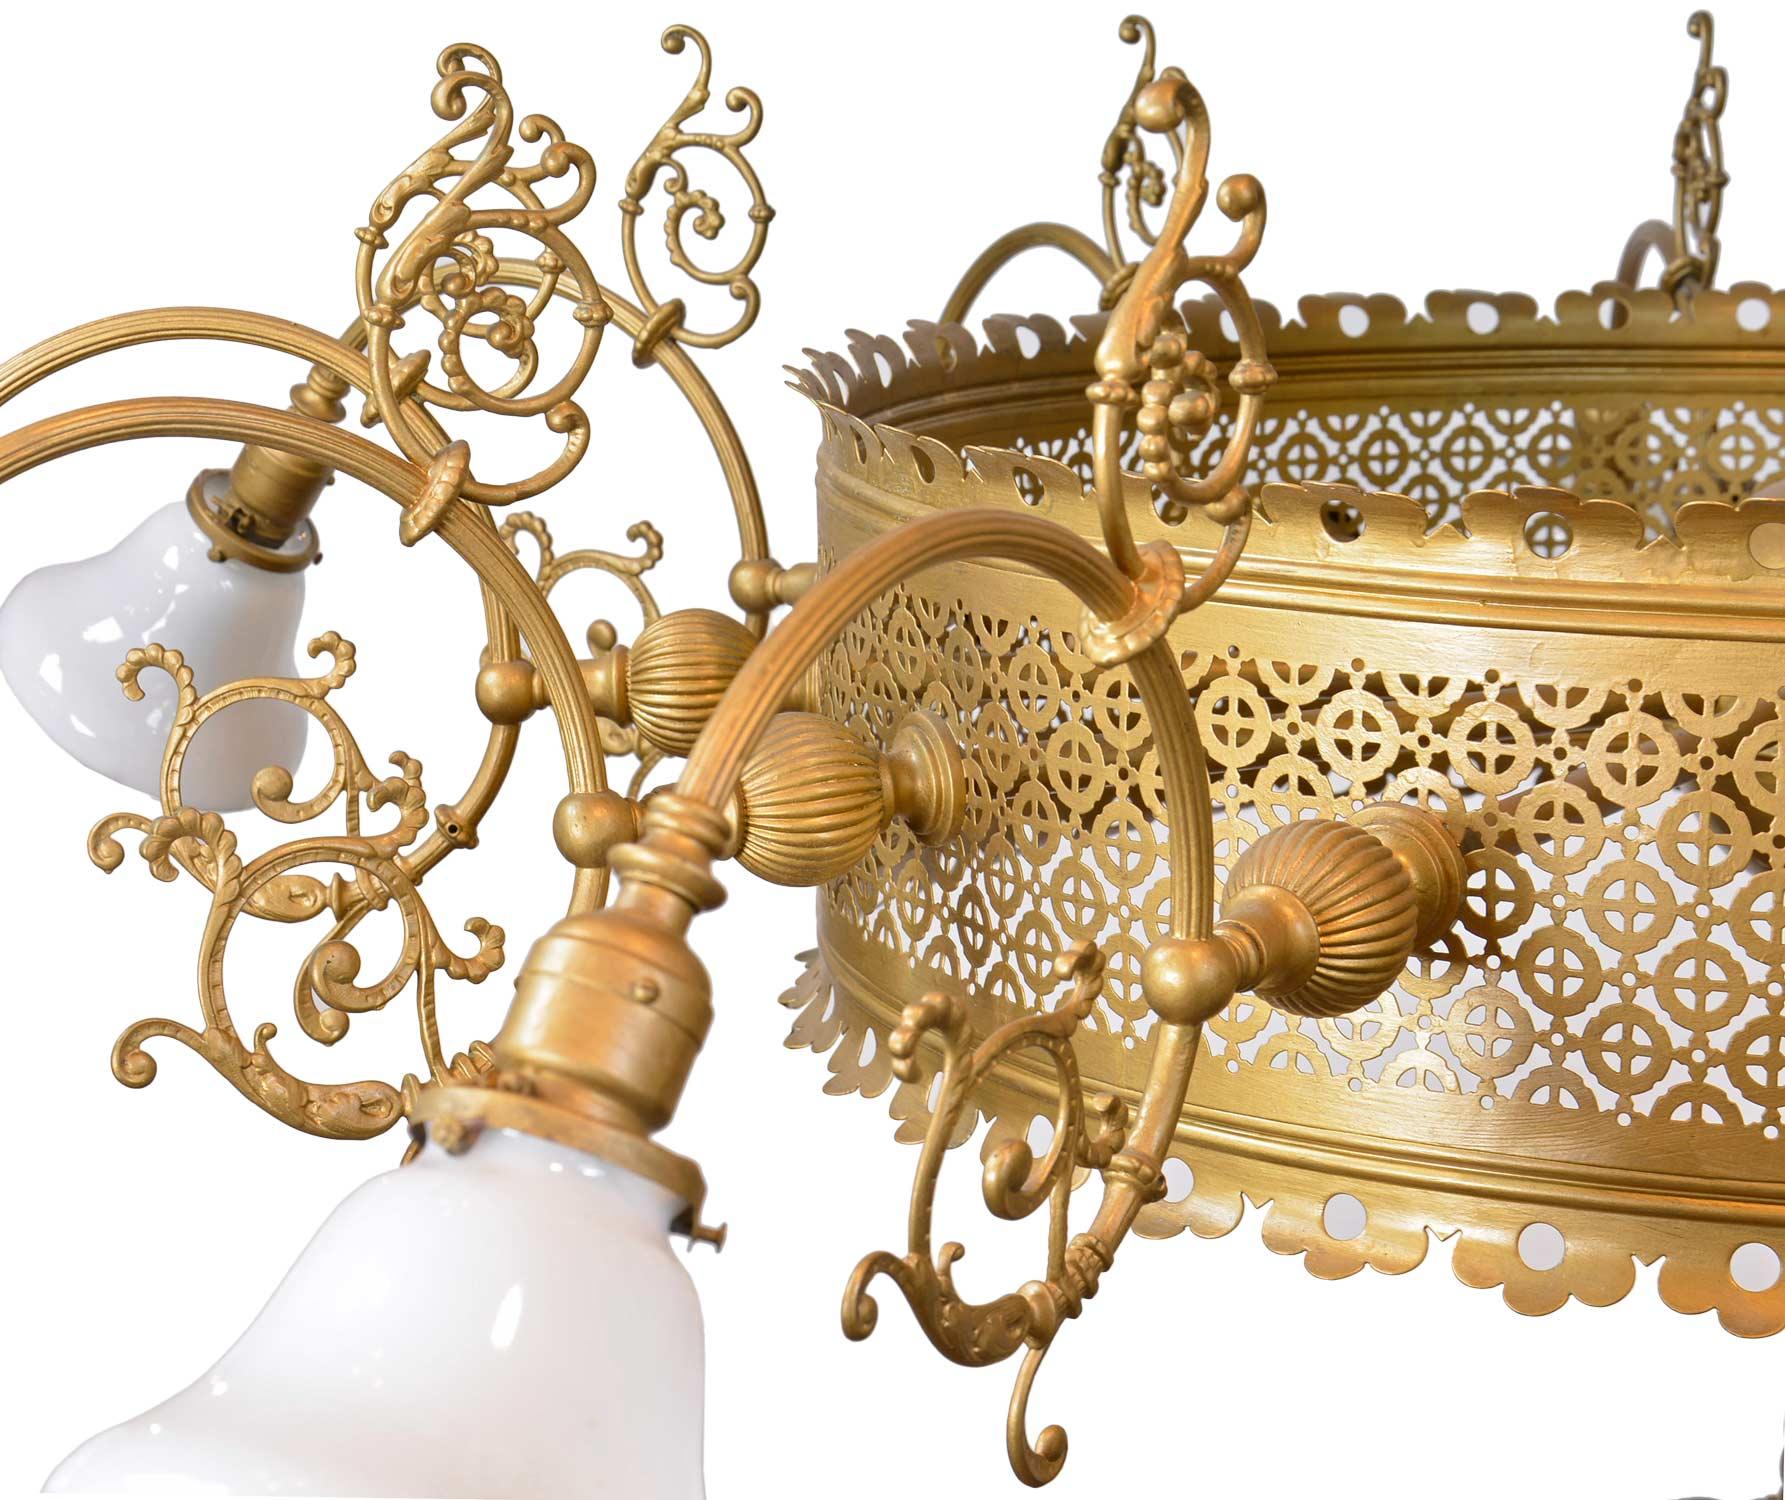 46128-oversized-20-light-3-tier-victorian-brass-chandelie-arm-detail.jpg